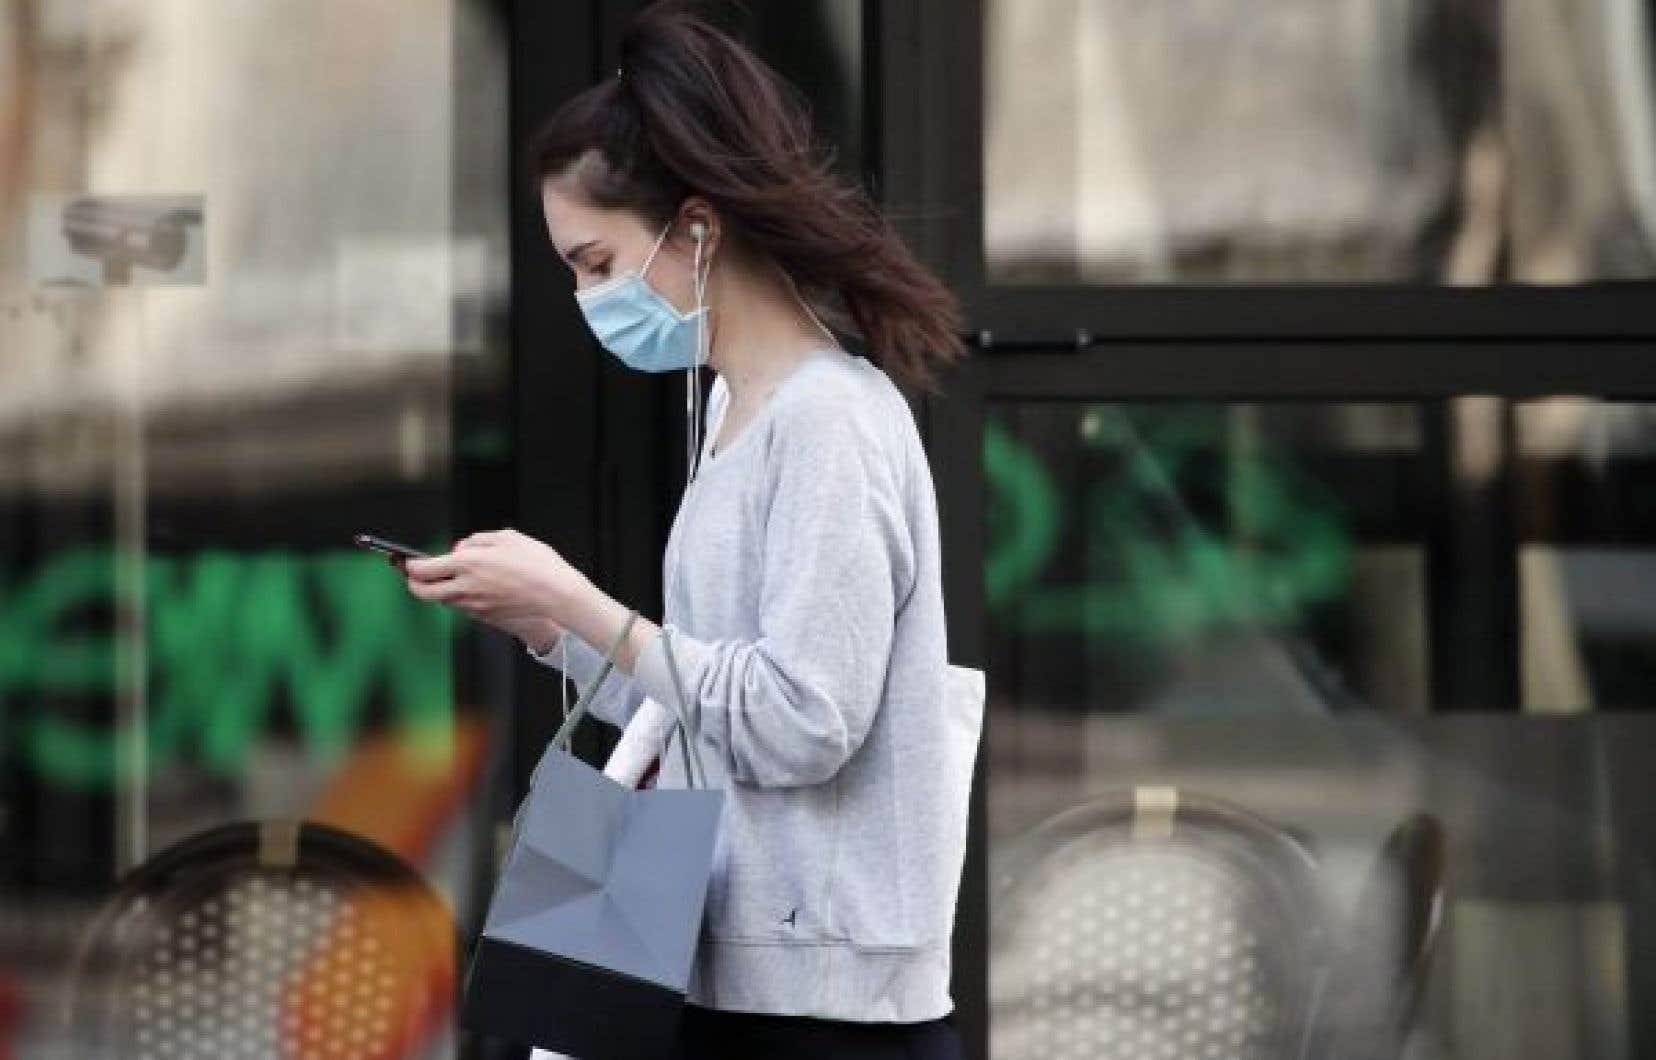 Avec le consentement des utilisateurs, les données remonteront aux autorités de santé publique, ce qui leur permettra de mieux comprendre la façon dont la maladie se propage et de se préparer à l'arrivée éventuelle d'une deuxième vague.